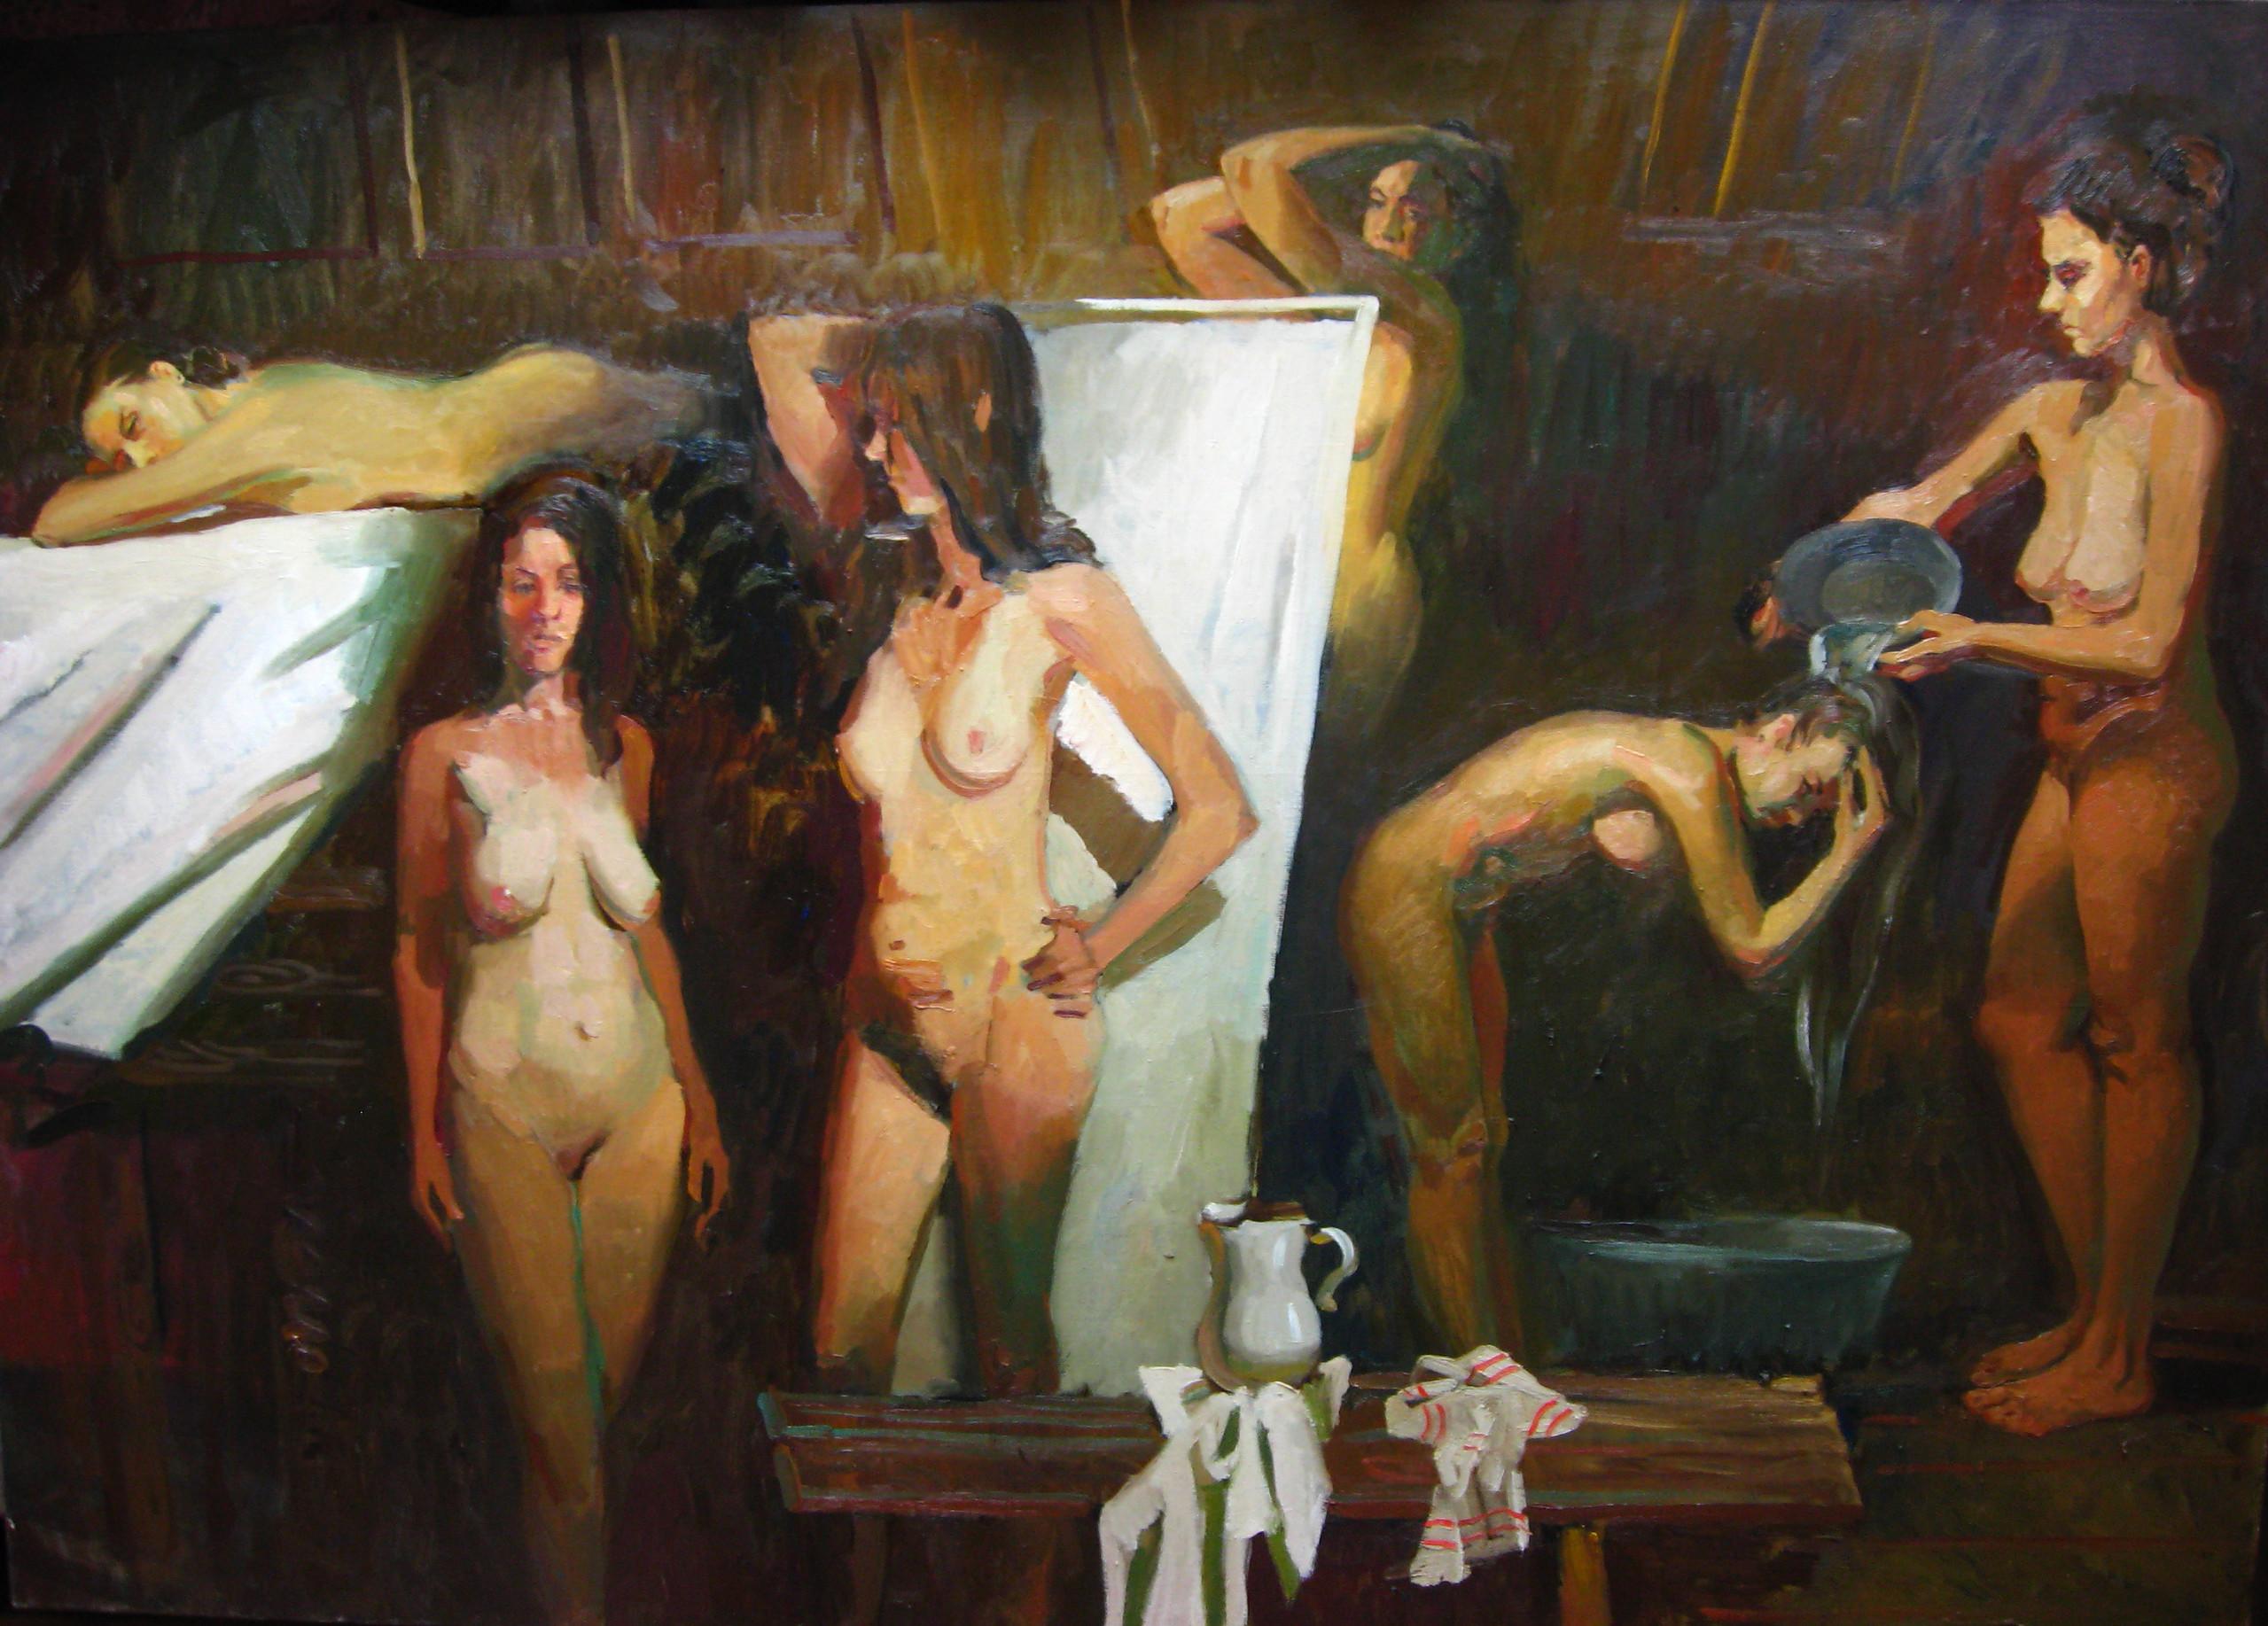 Эротика 60 годов русская баня 6 фотография